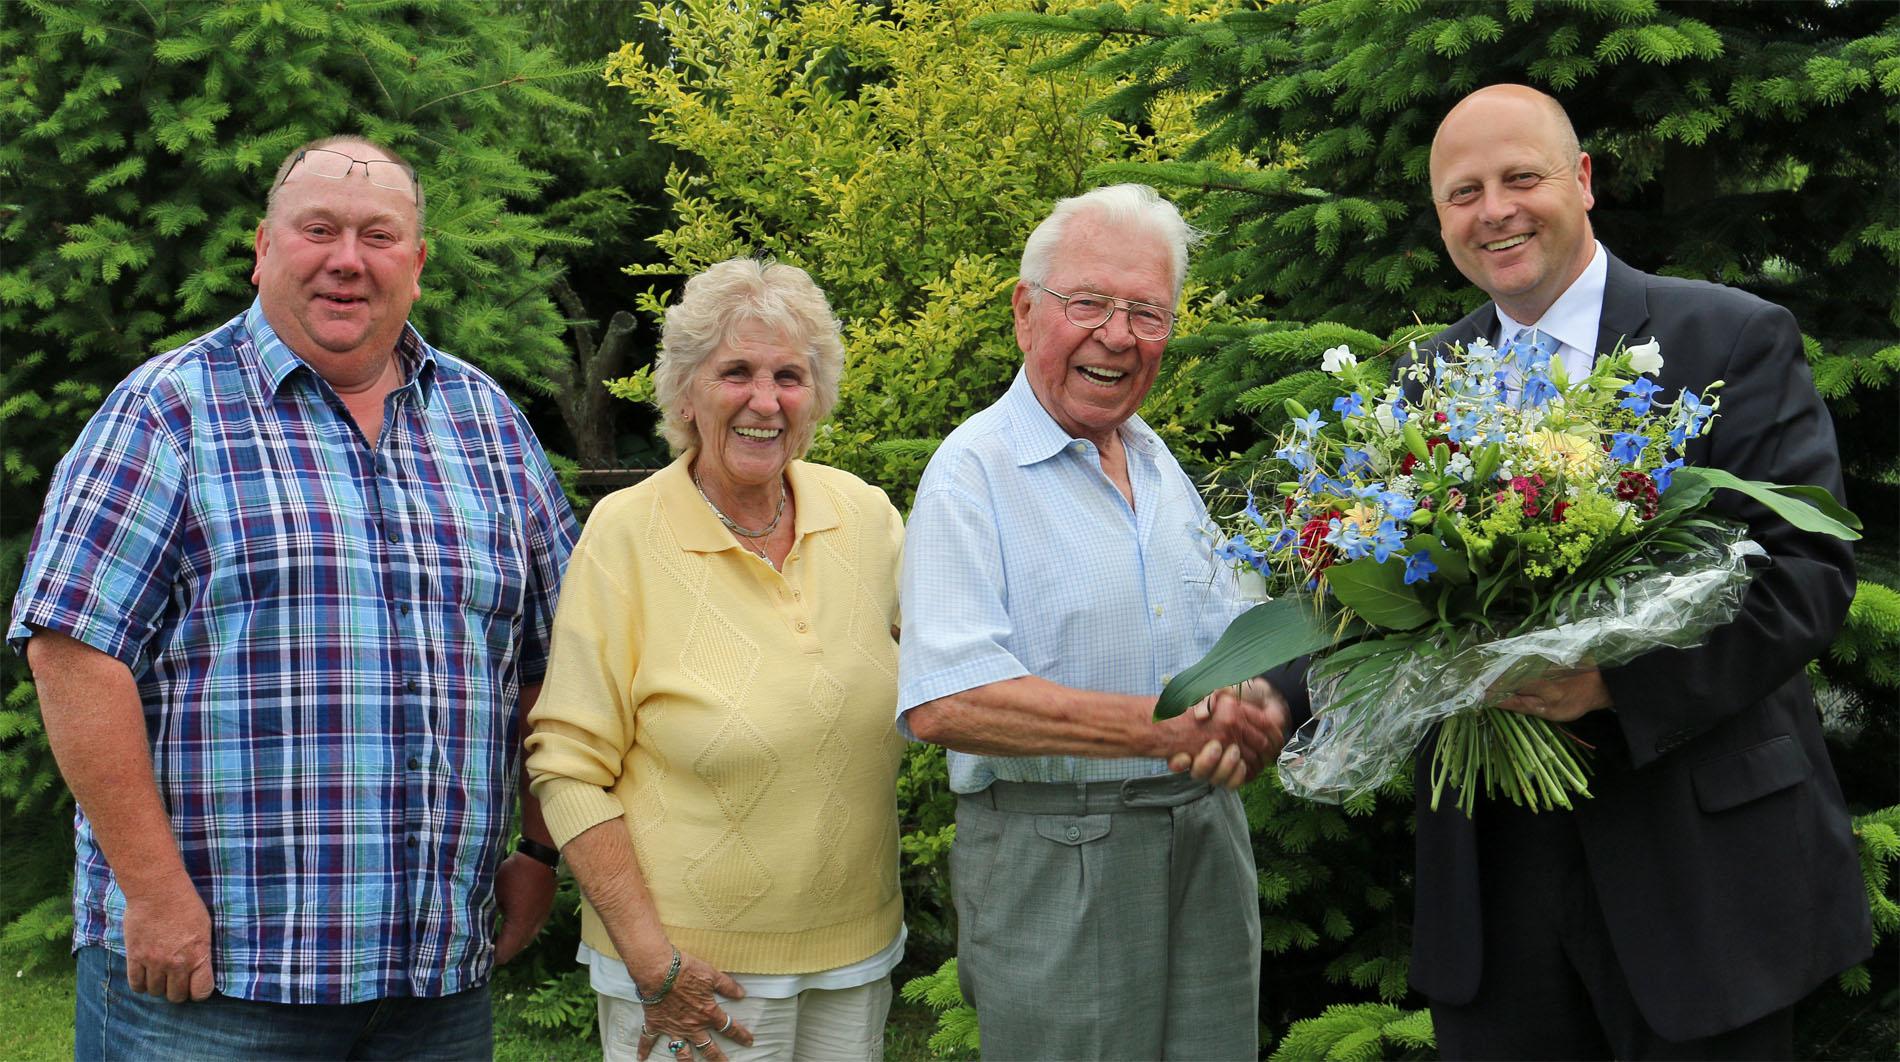 Sichtlich überrascht und erfreut war der 90-jährige Ehrenvorsitzende Willi Held mit seiner Gattin Irmgard über den Besuch seiner Sangesbrüder Manfred Speuser (rechts, Vorsitzender) und Thomas Pauls (Geschäftsführer). (Foto: Bastian Schlößer)